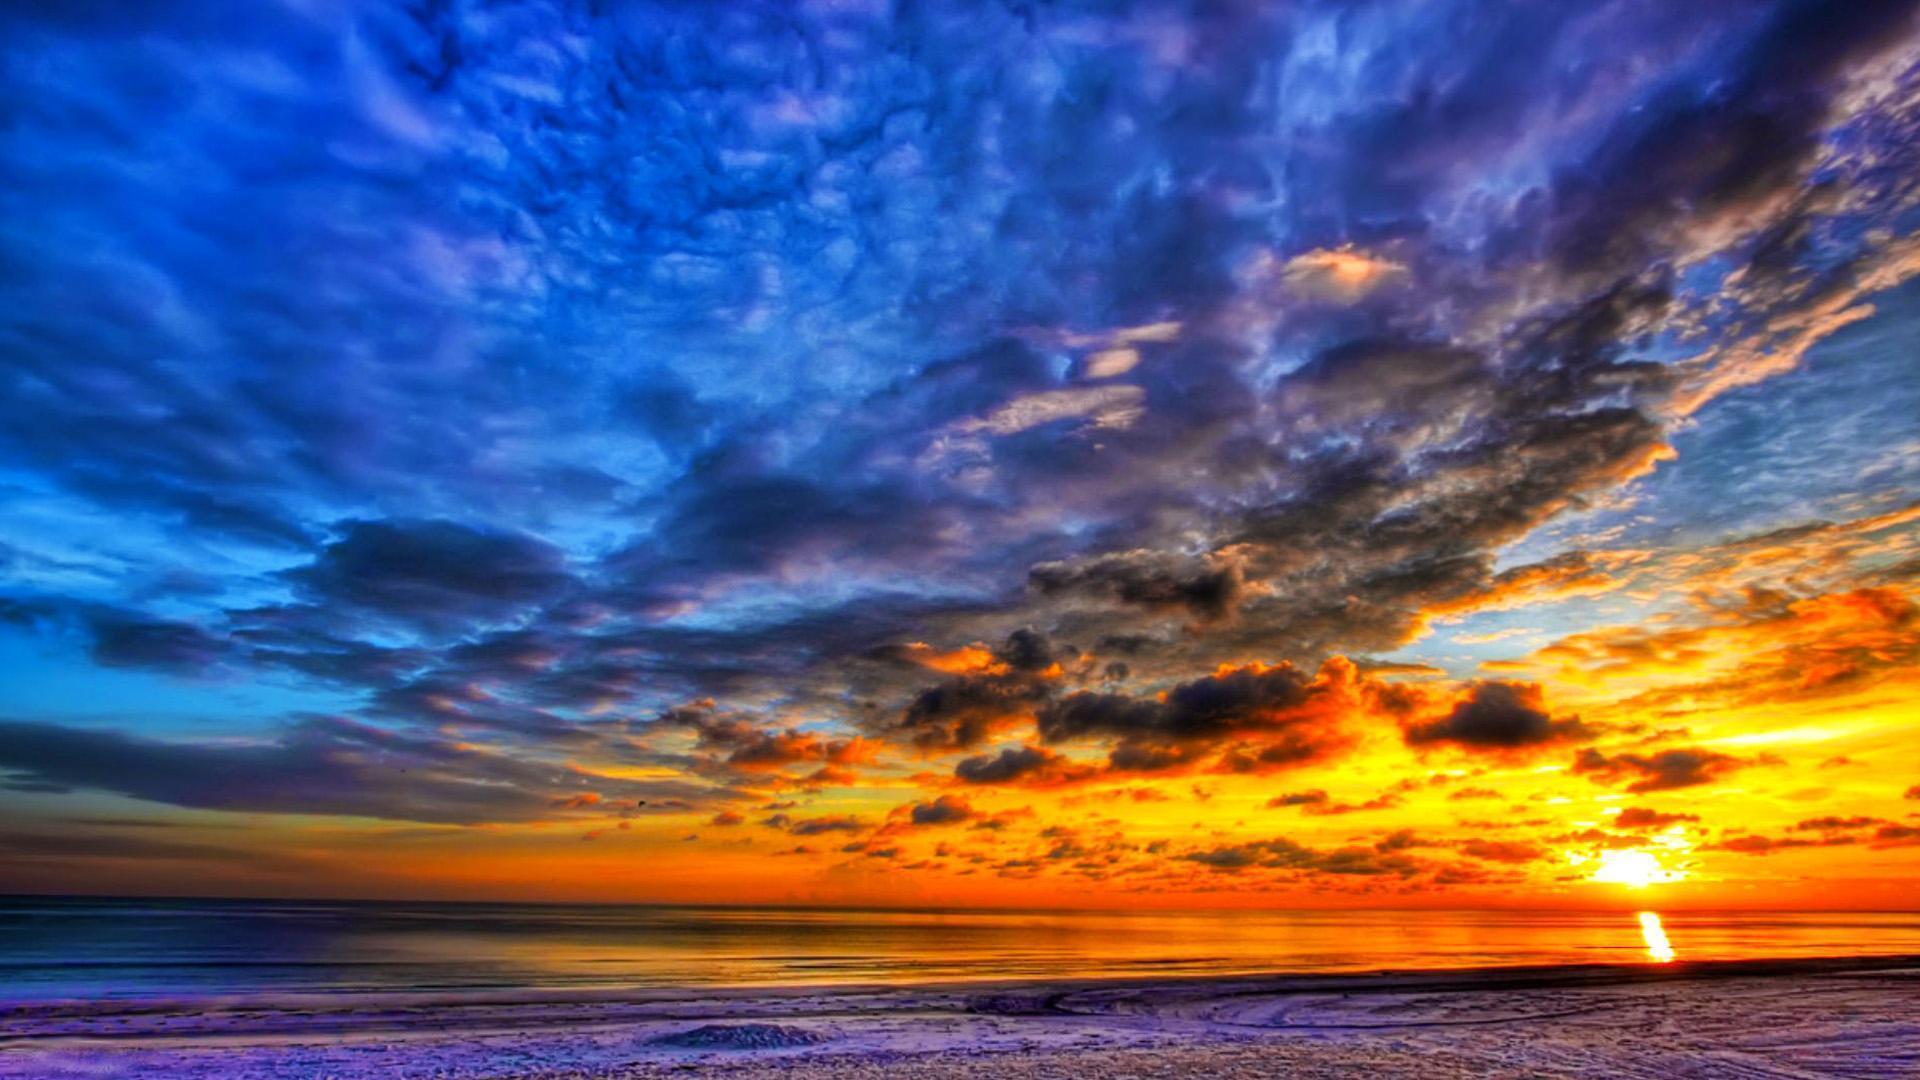 Πρόγνωση καιρού Αττικής για Σαββατοκύριακο 11 & 12-01-20